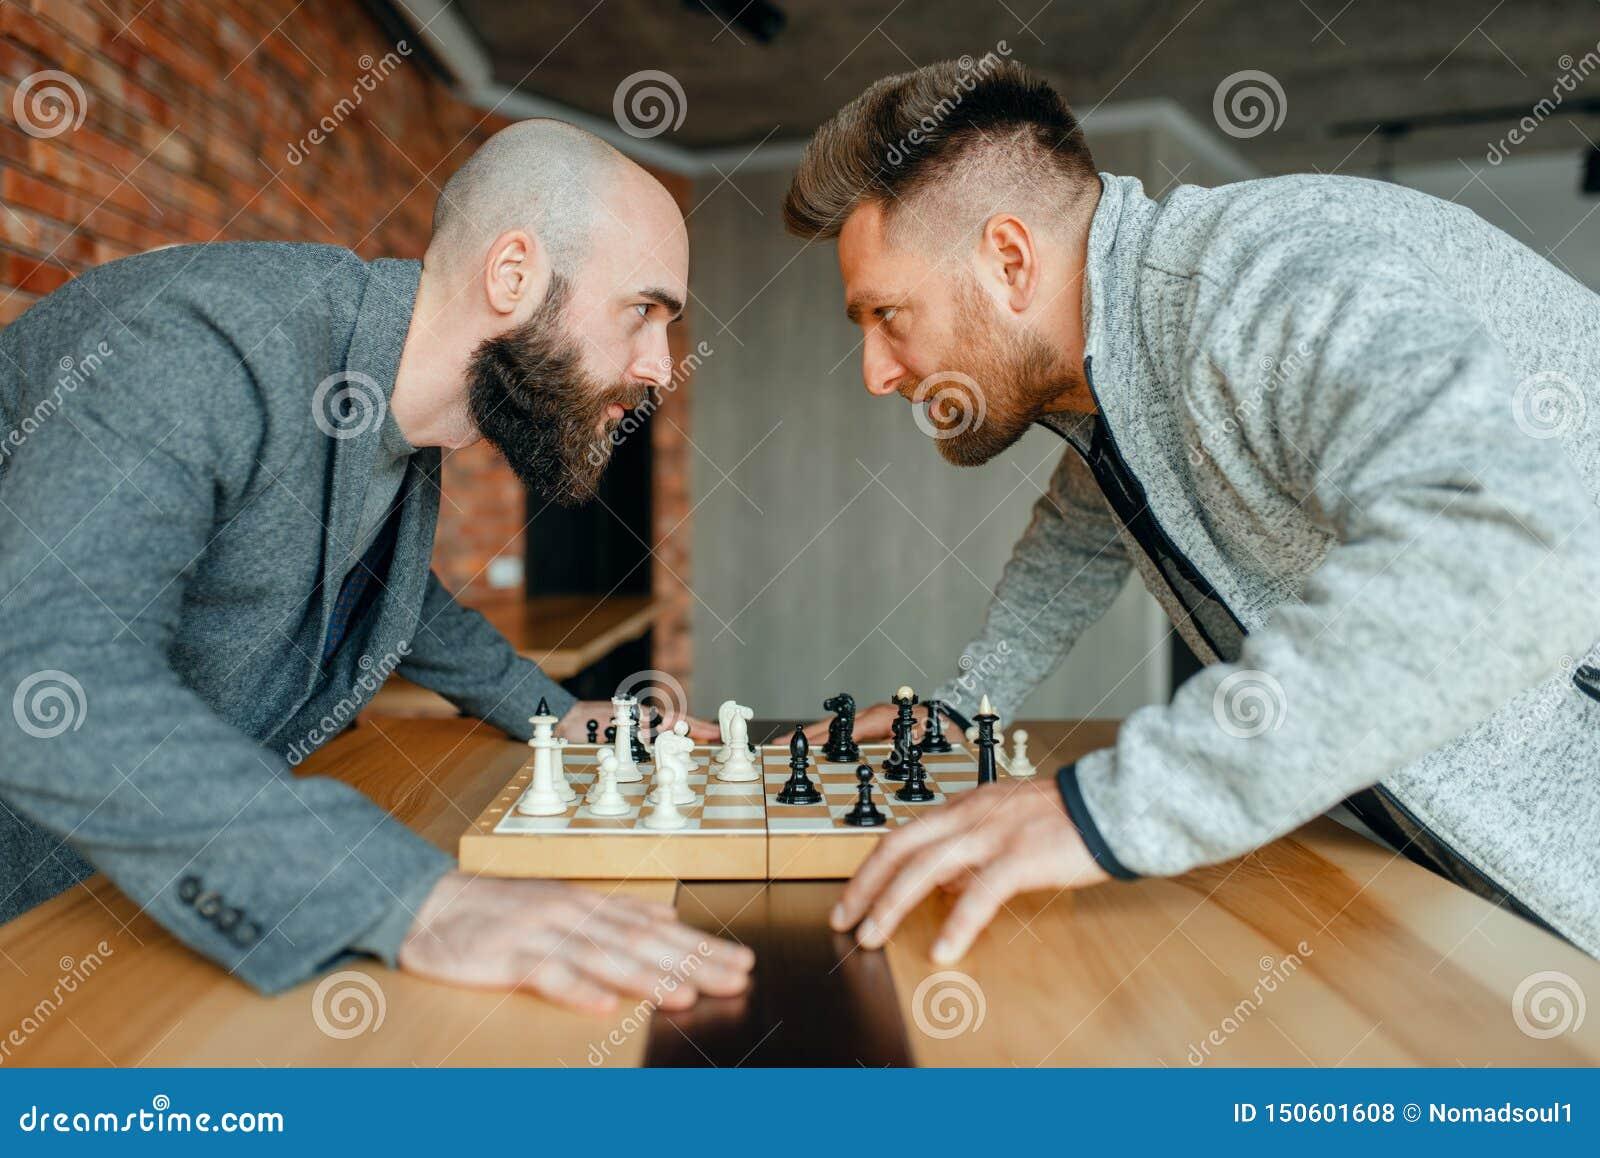 Les joueurs d échecs regardent dans les yeux de chacun